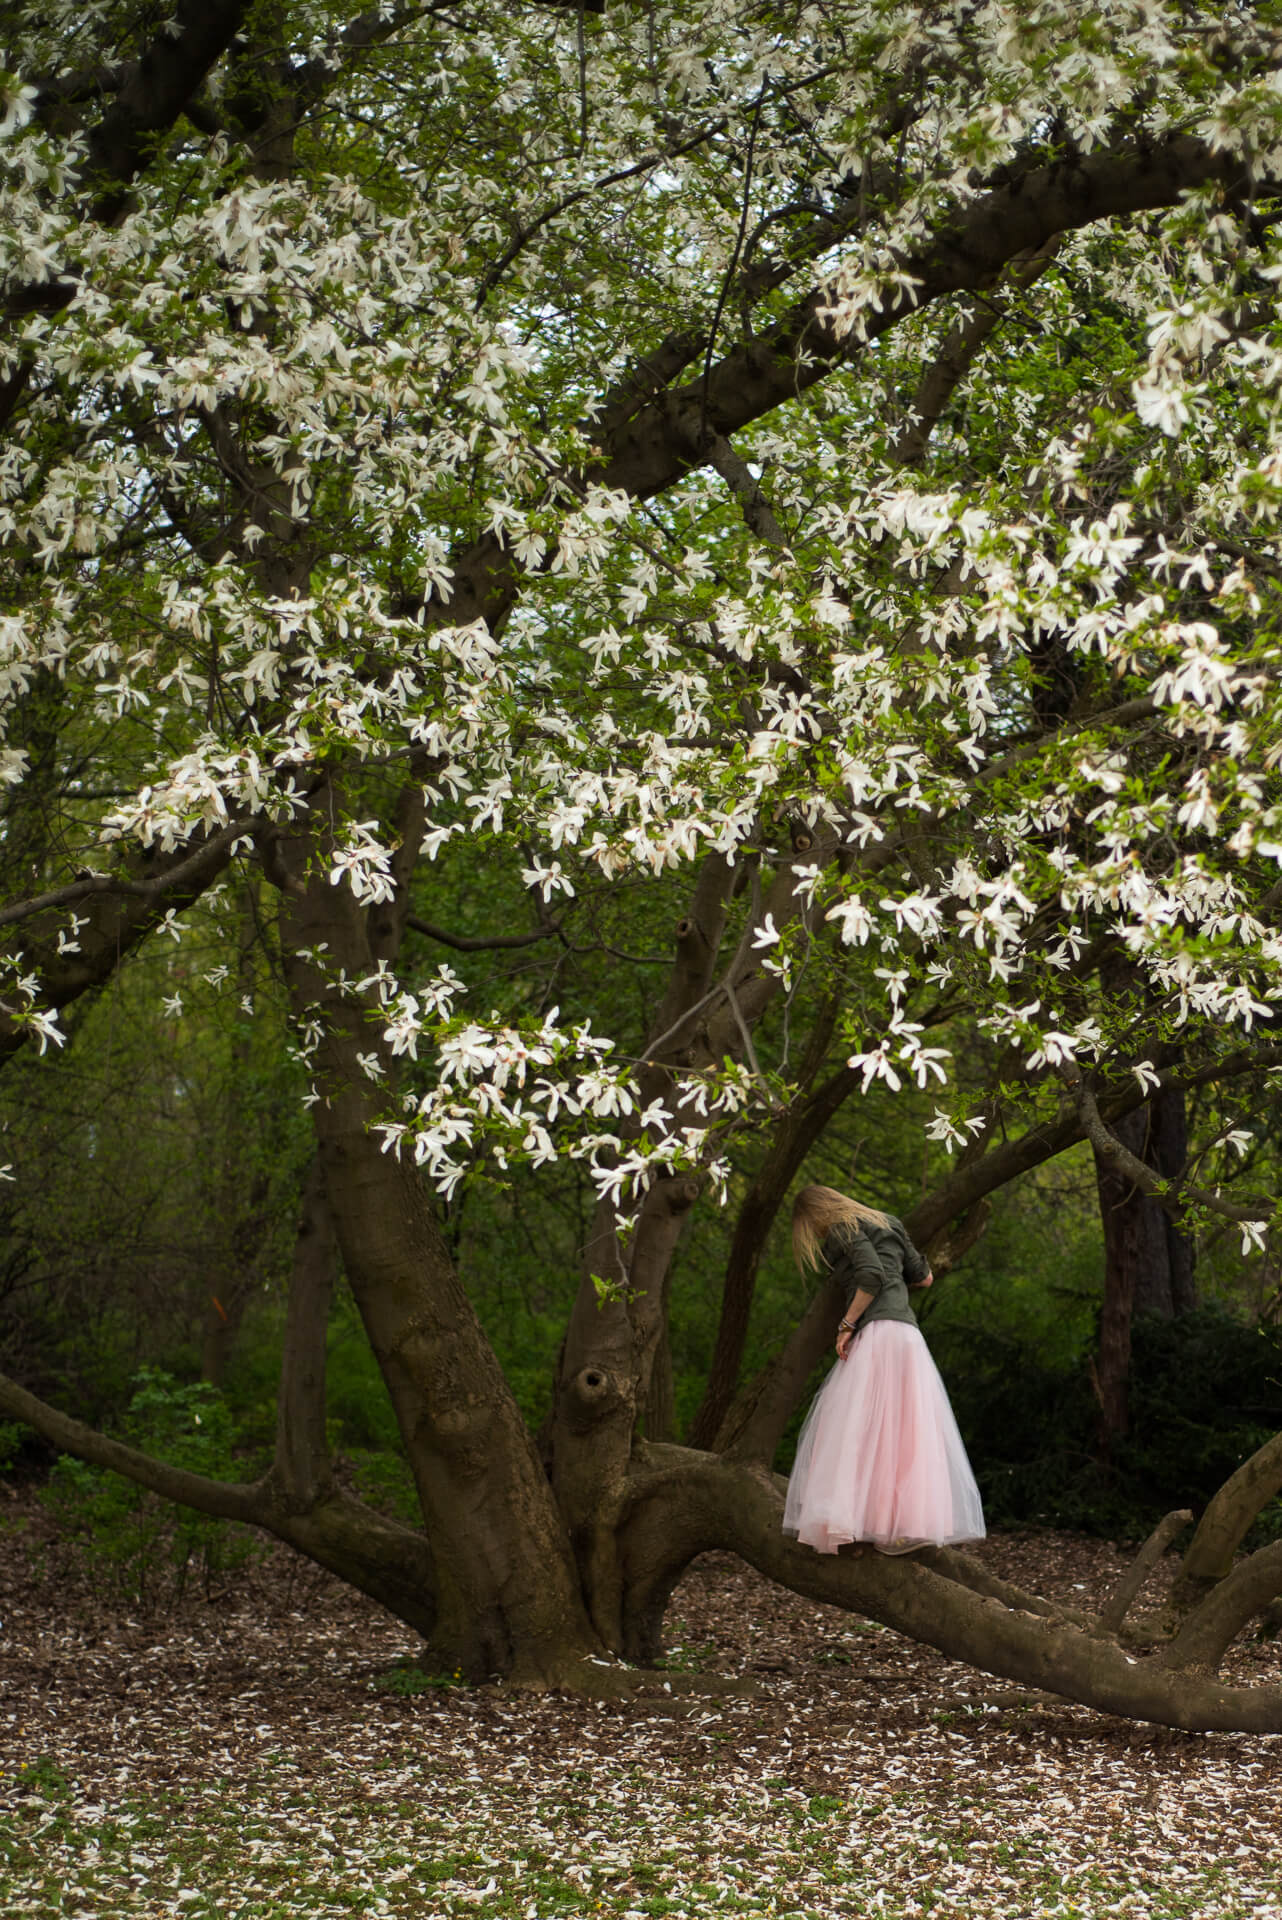 Kobieta w tiulowej spódnicy wchodzi na drzewo magnolii